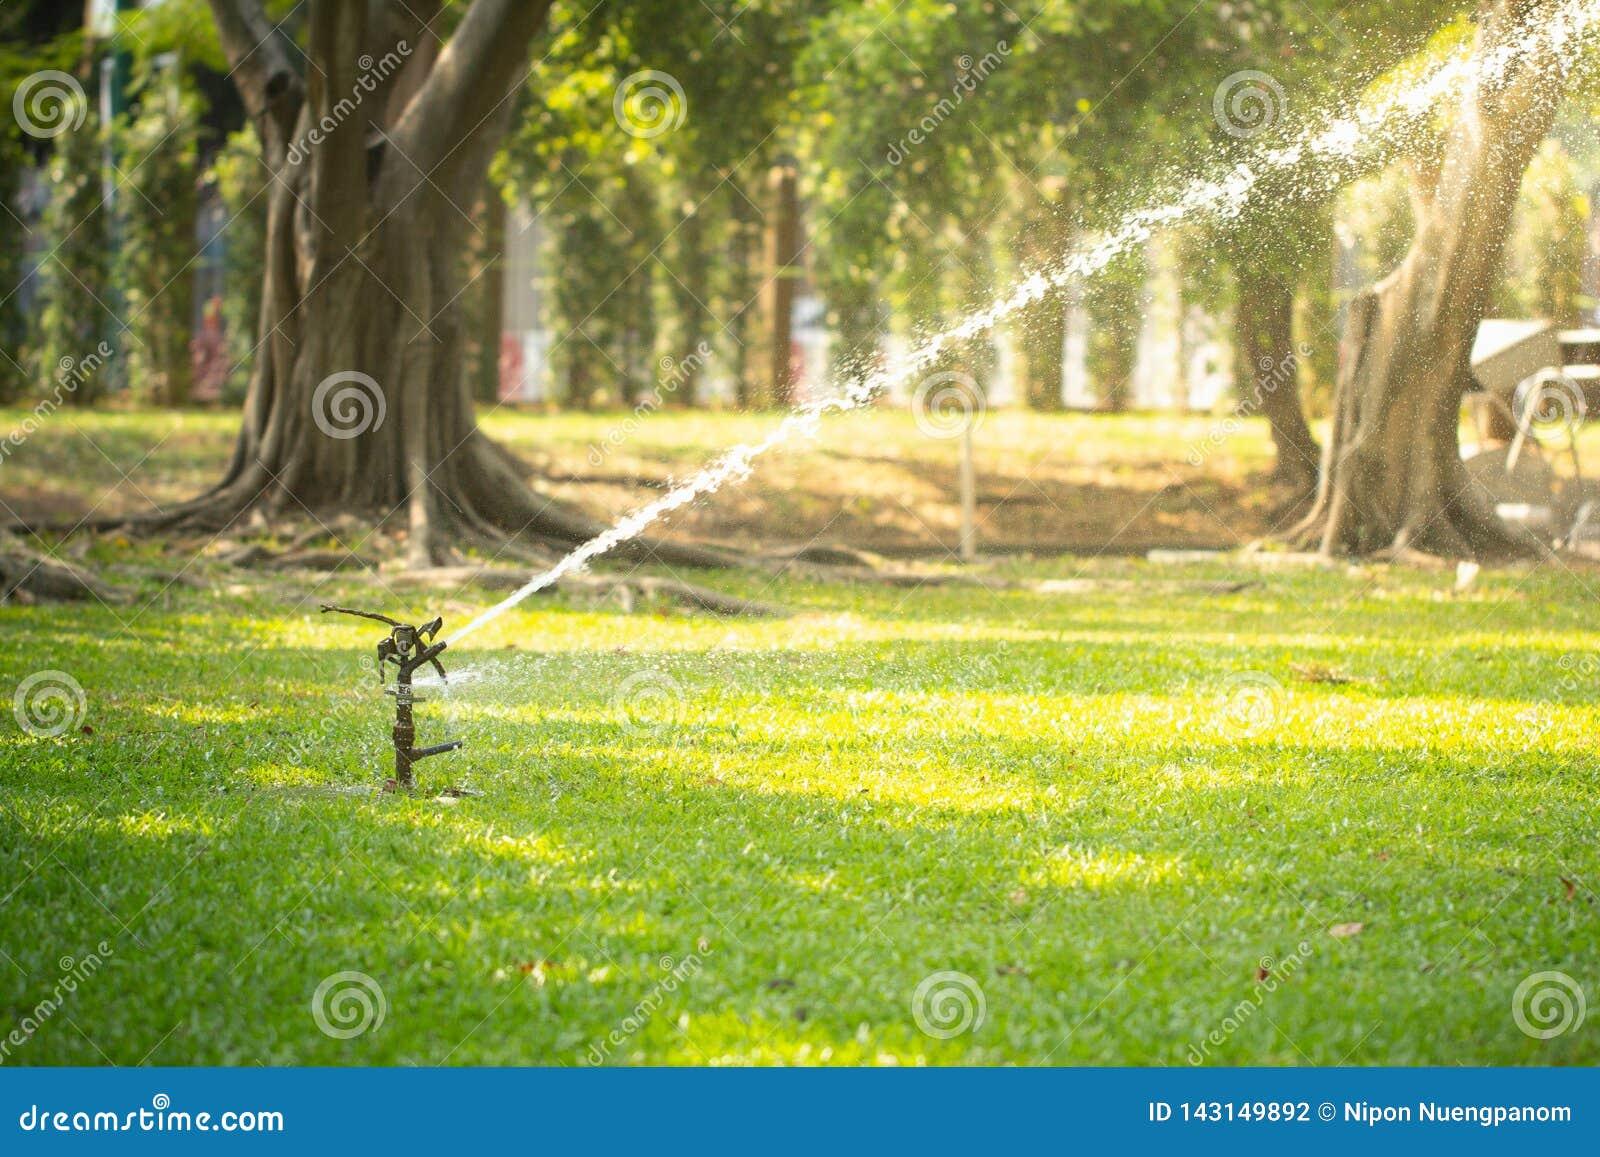 Hierba de riego de la regadera del césped en jardín bajo luz del sol